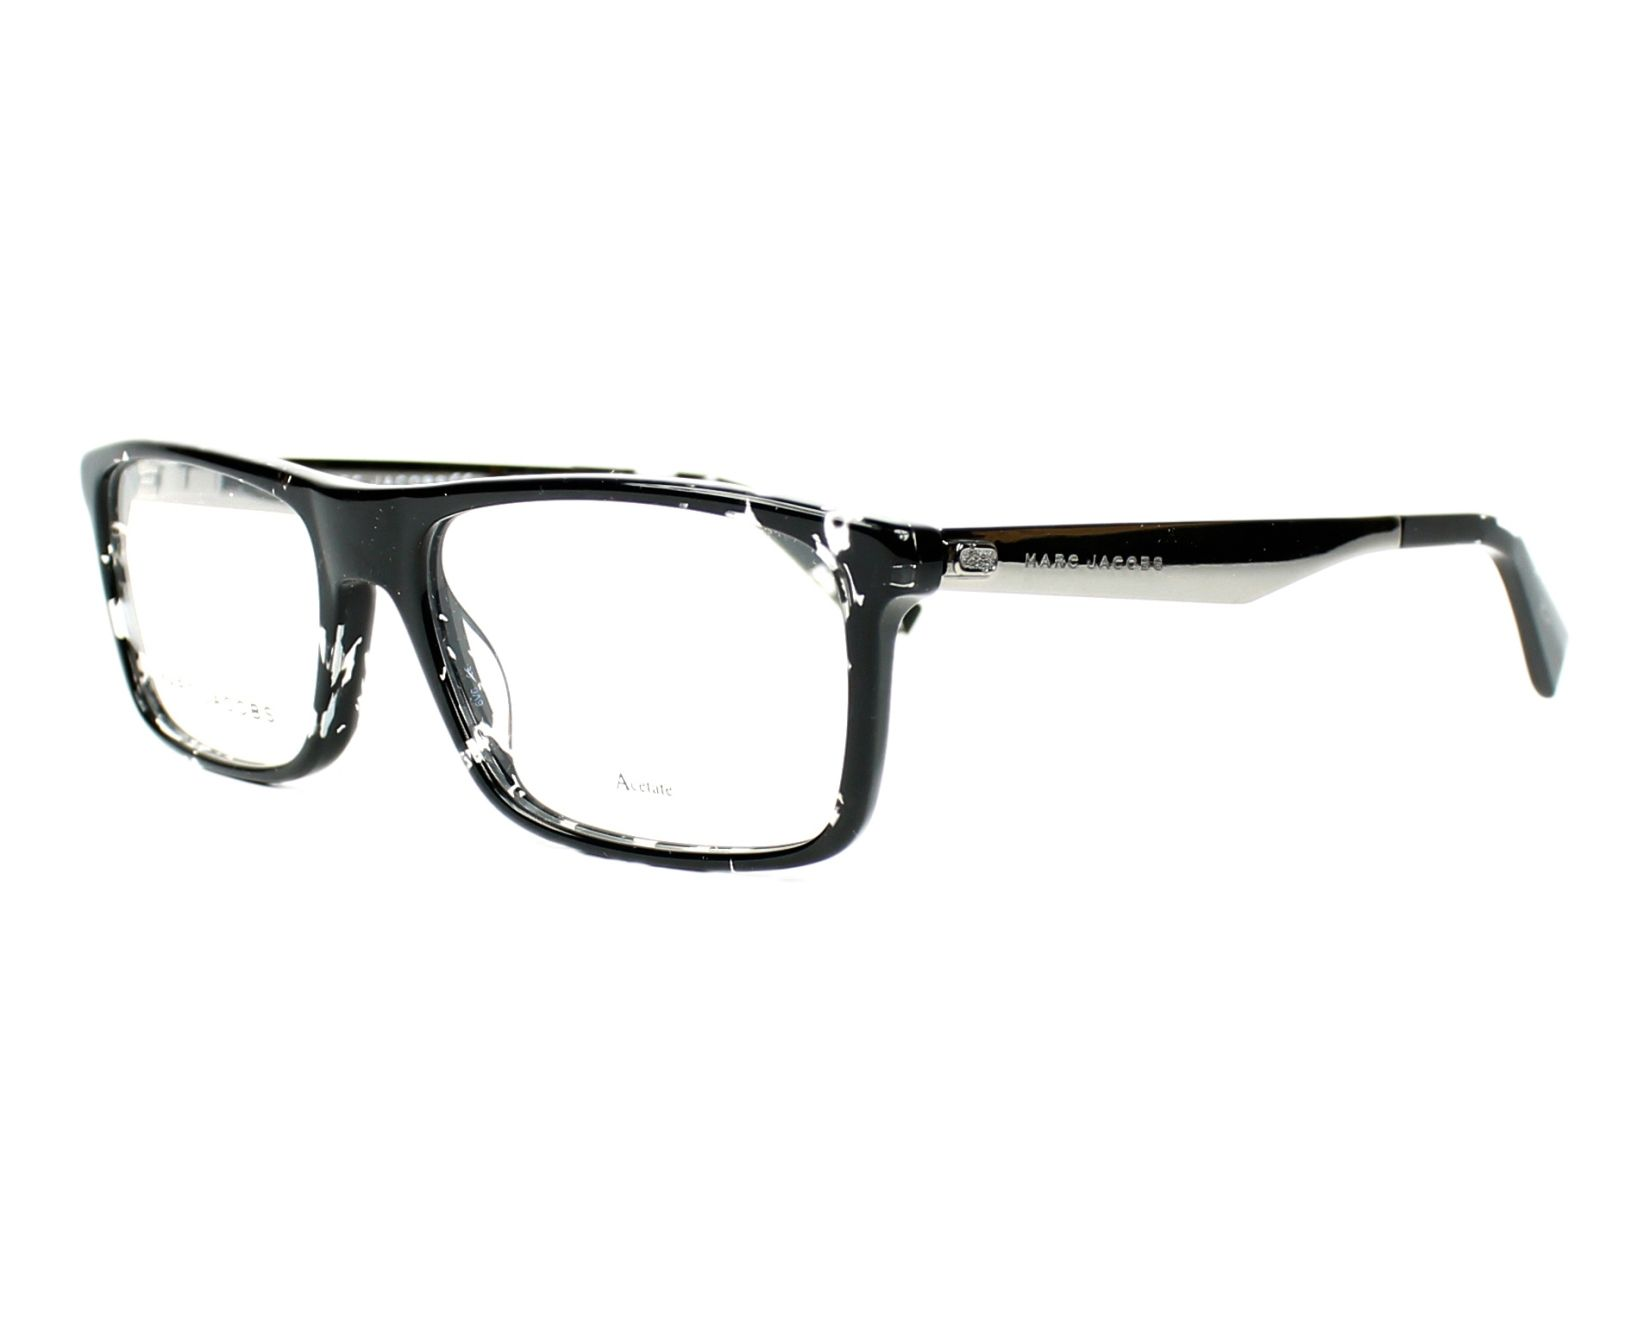 Marc Jacobs Brille Marc-208 9WZ schwarz  Visionet